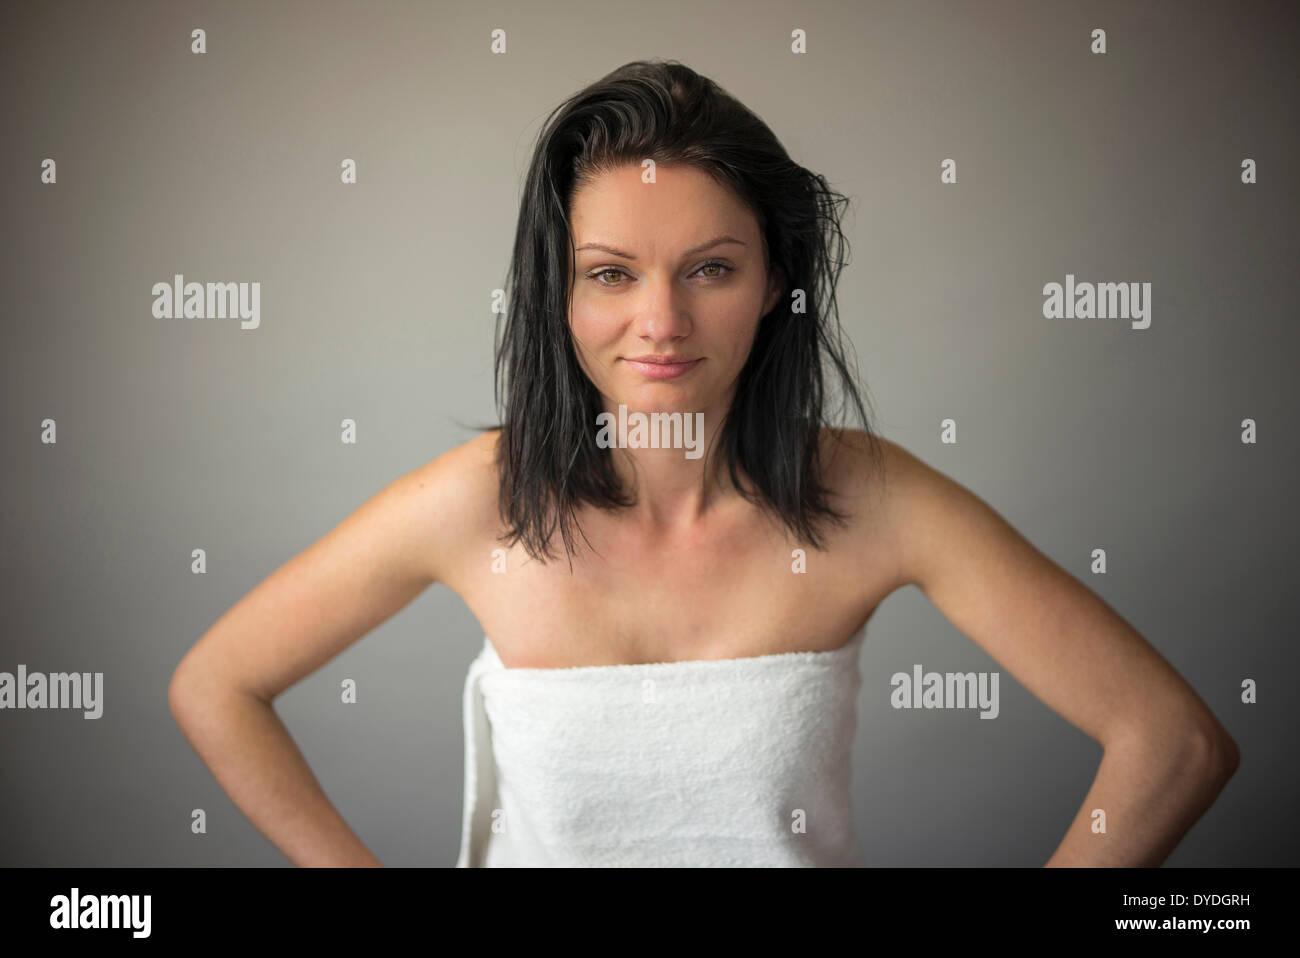 Eine junge Frau trägt ein Handtuch. Stockbild